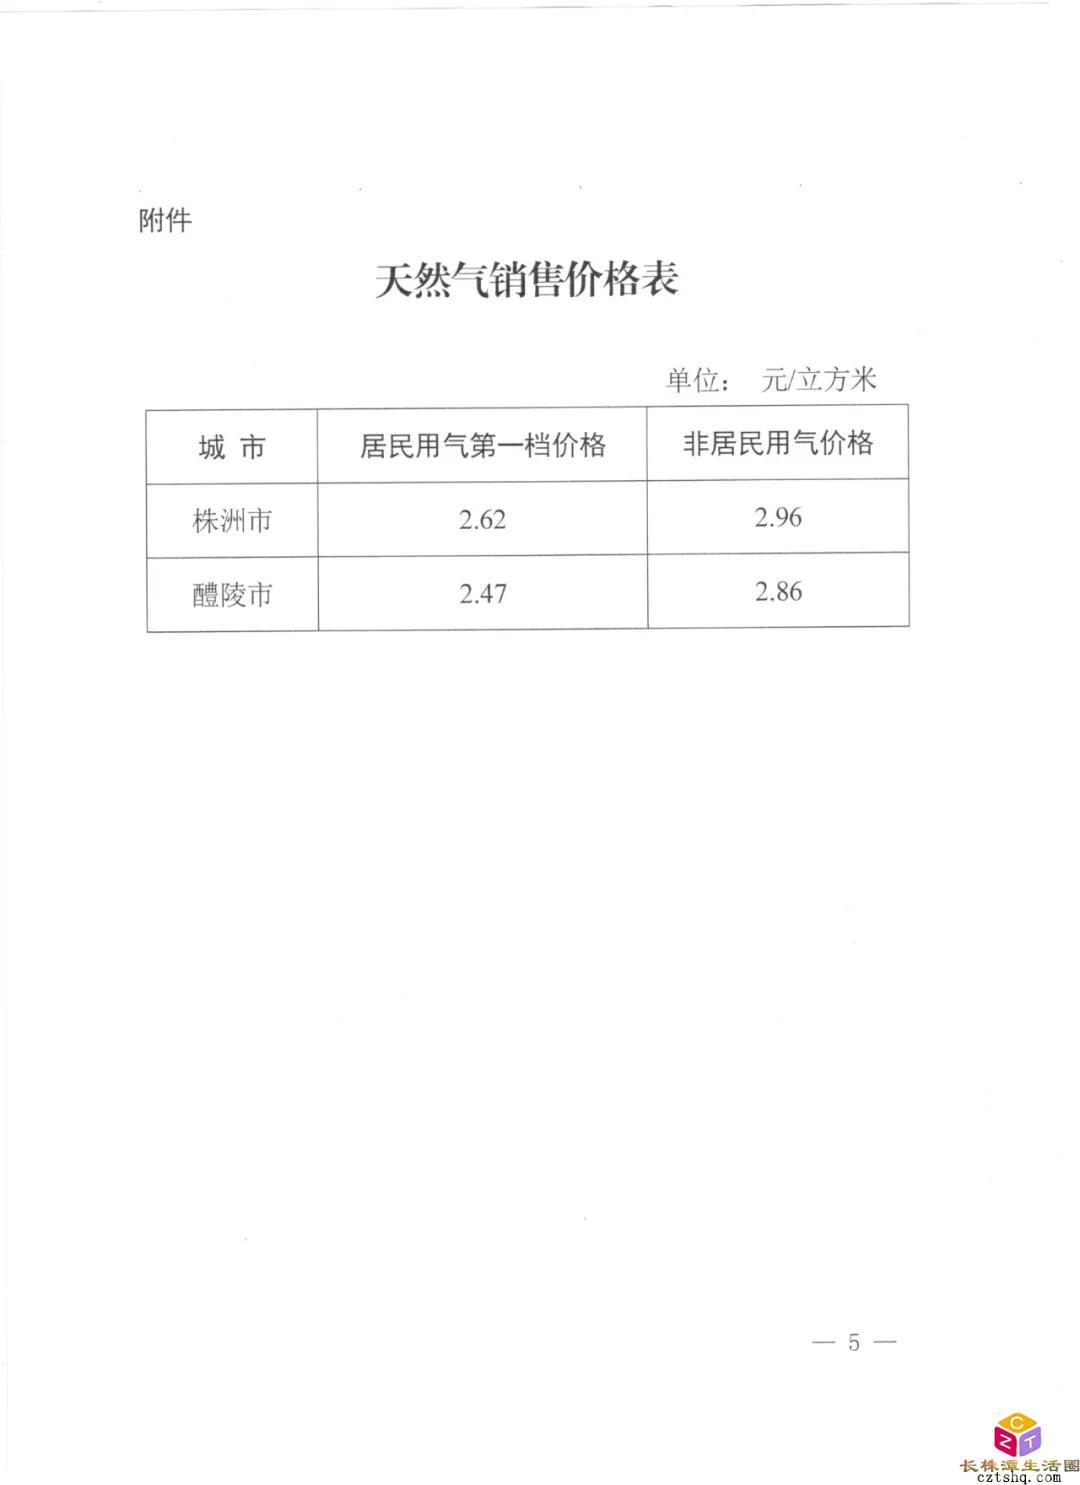 9月1日起株洲市天然气将实行分三档阶梯收费